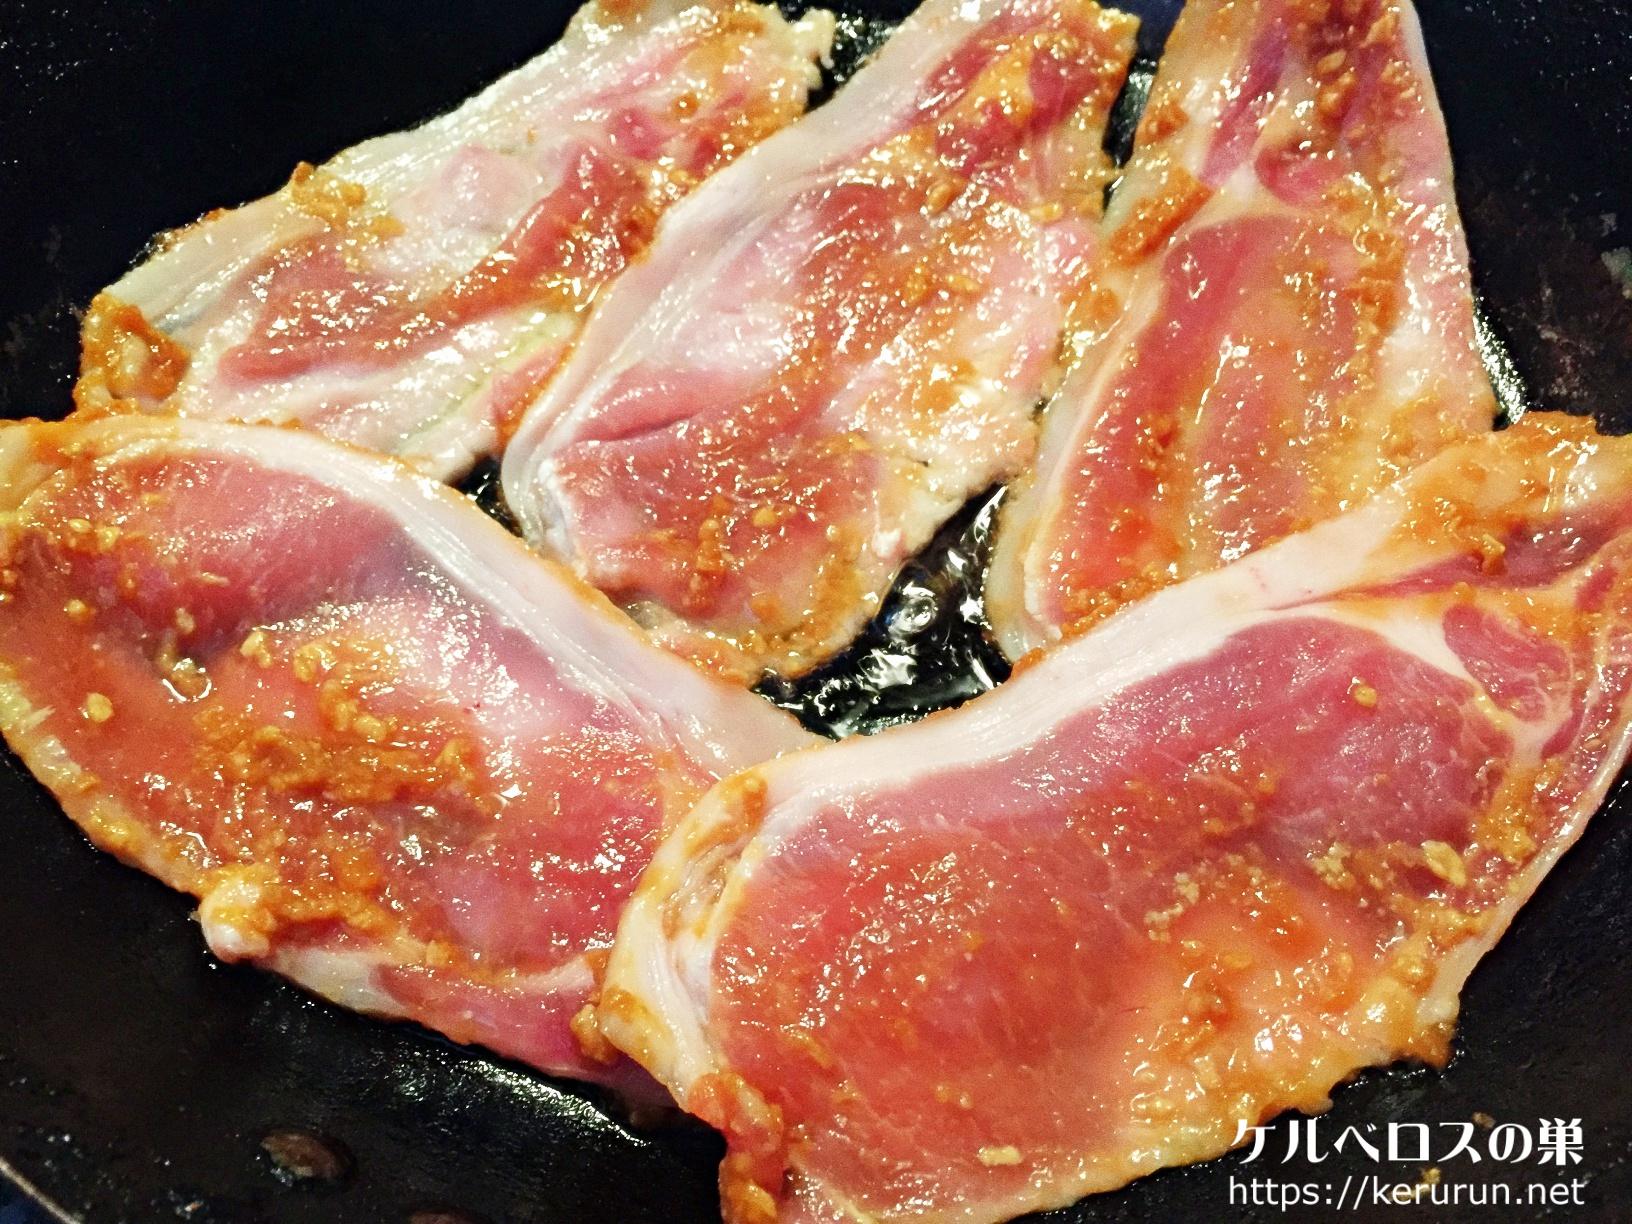 【食材アレンジ・冷凍保存】コストコの豚薄切り肉で作る味噌漬け焼き